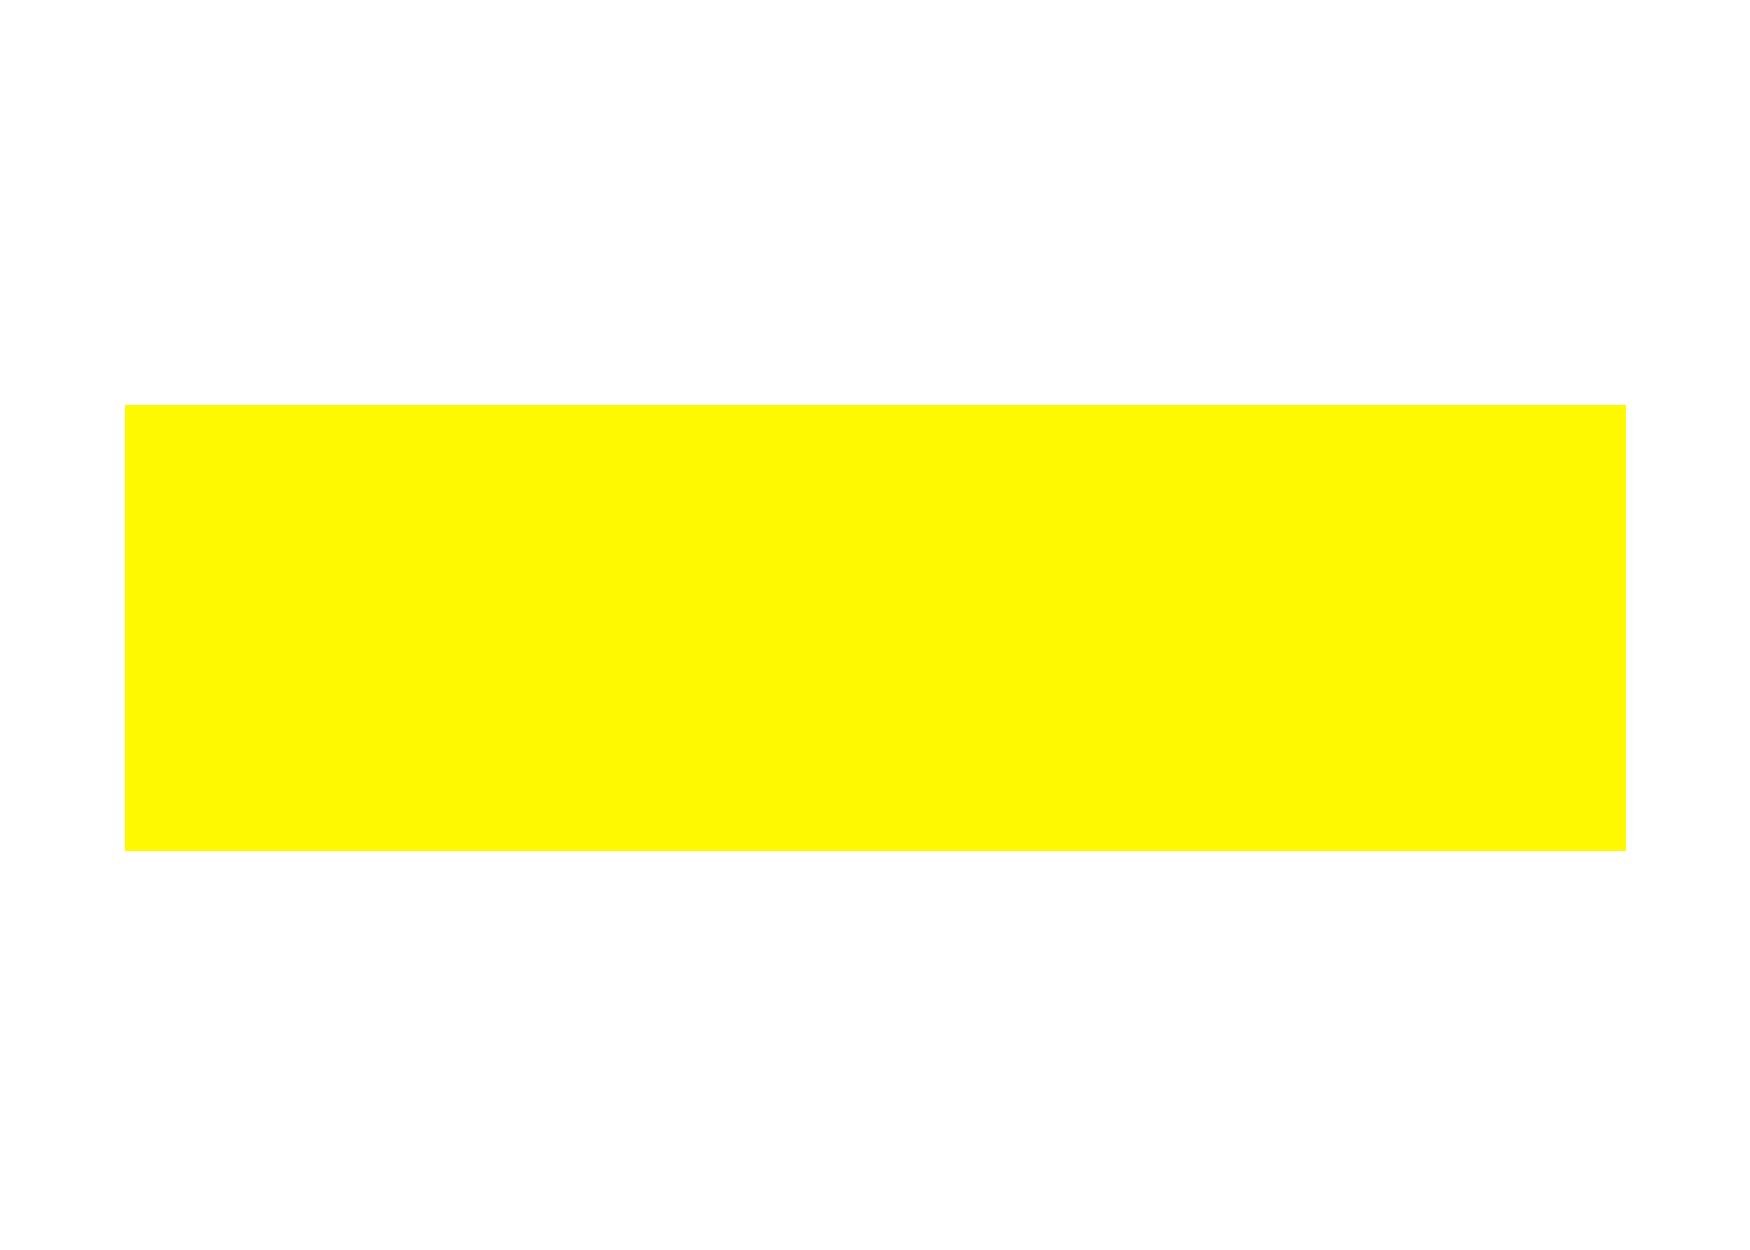 Logo Autohaus Huber Bad Kötzting gelb | Agentur Ritter